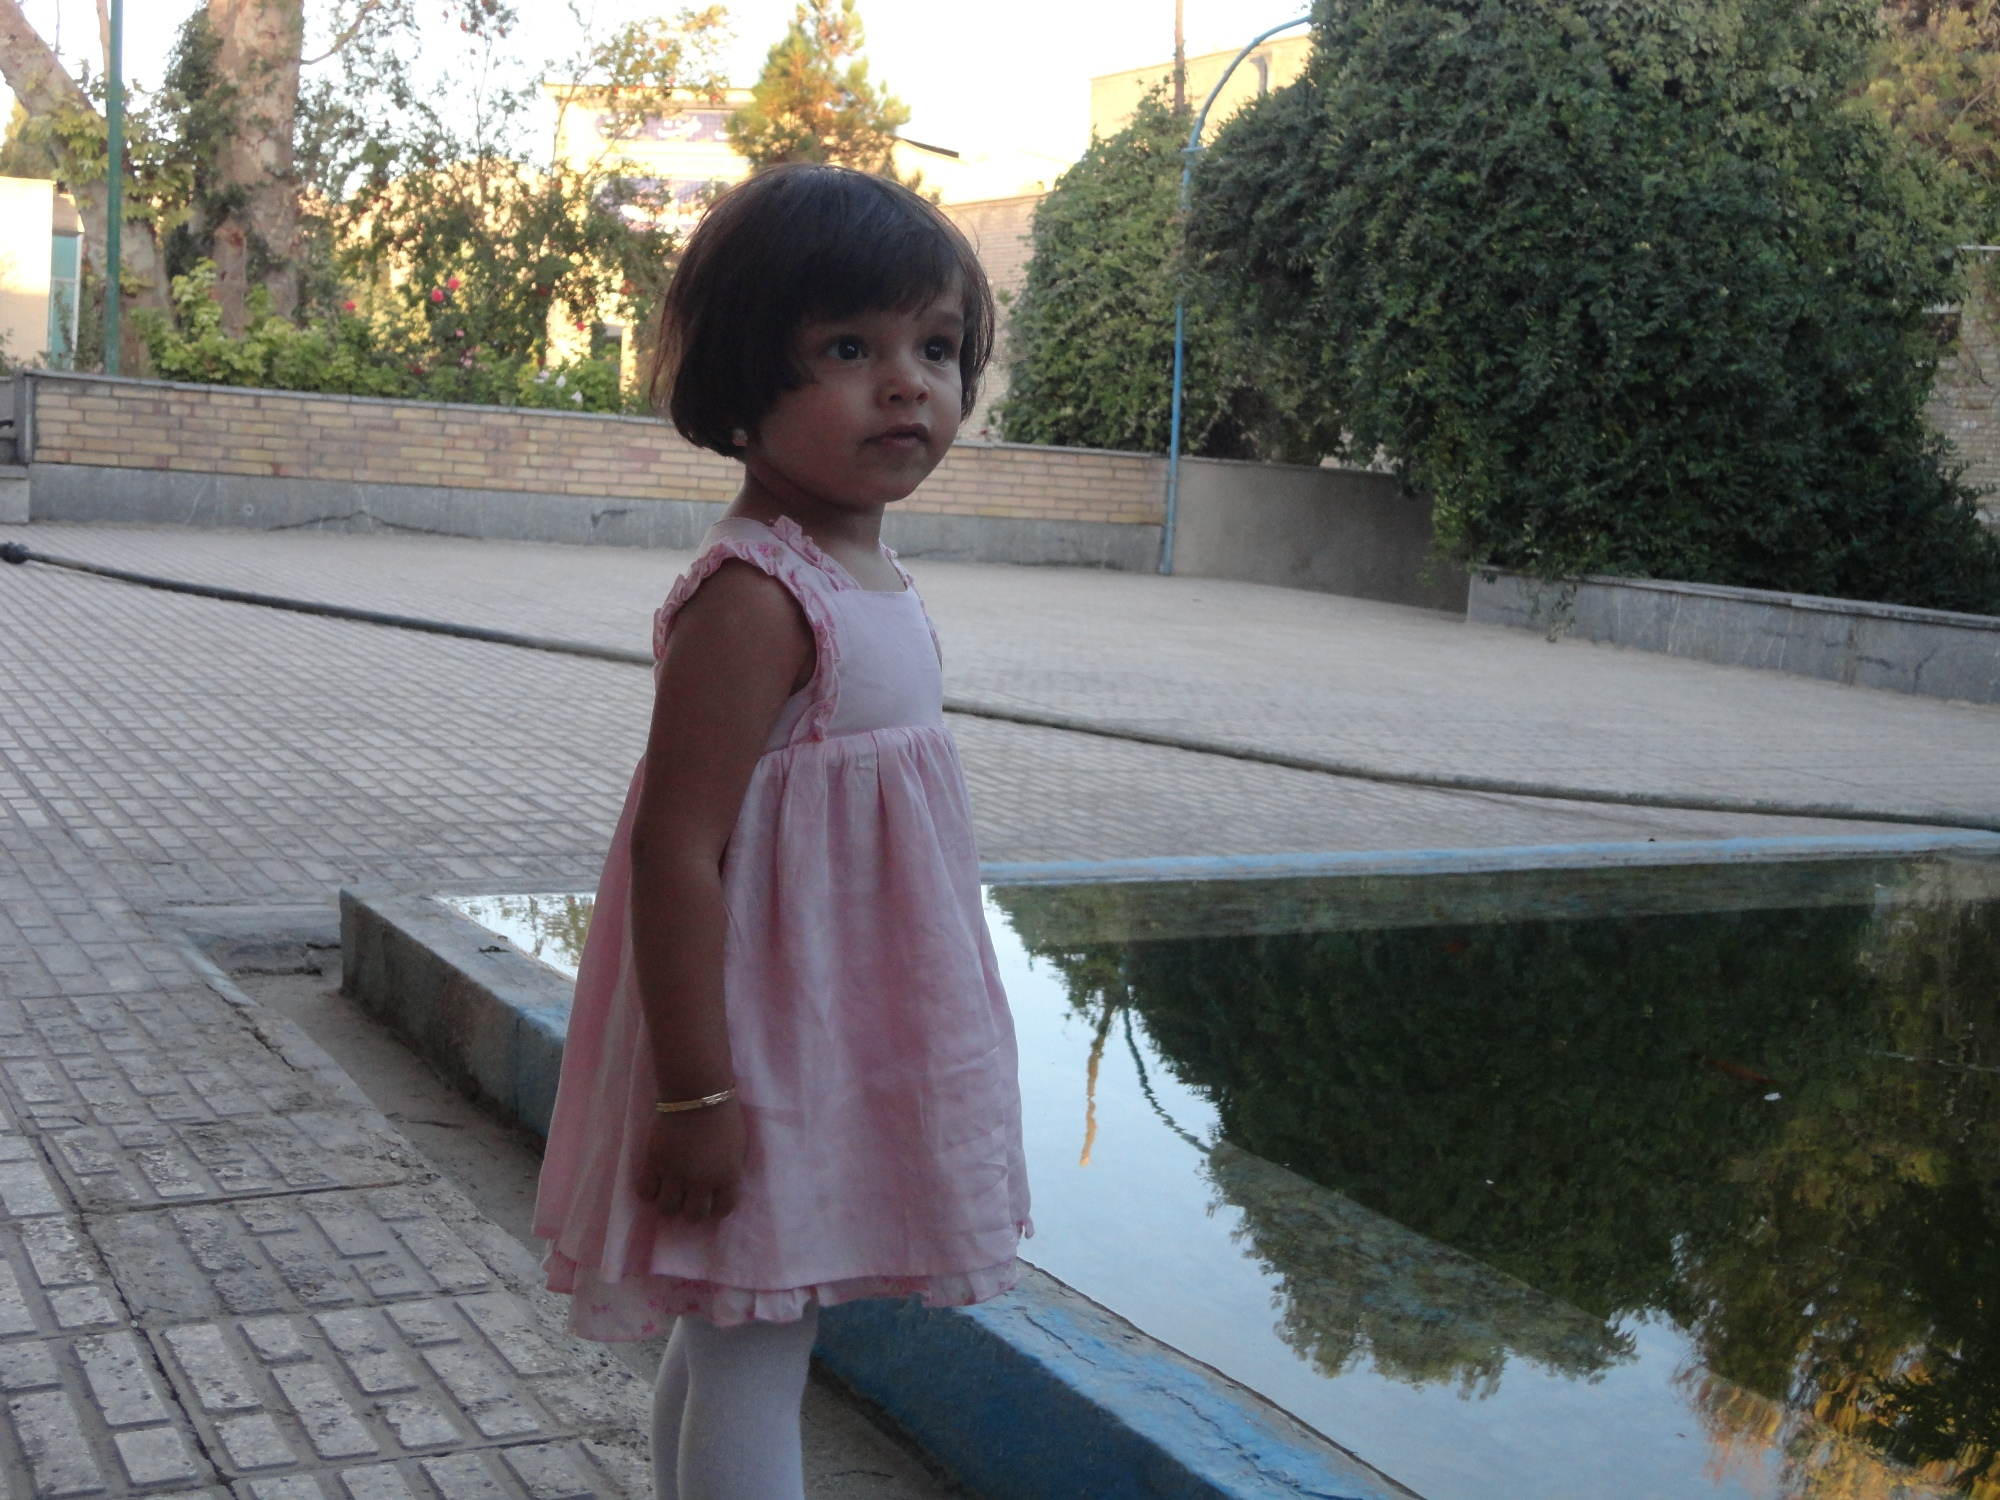 http://avin89.persiangig.com/DSC01624.JPG